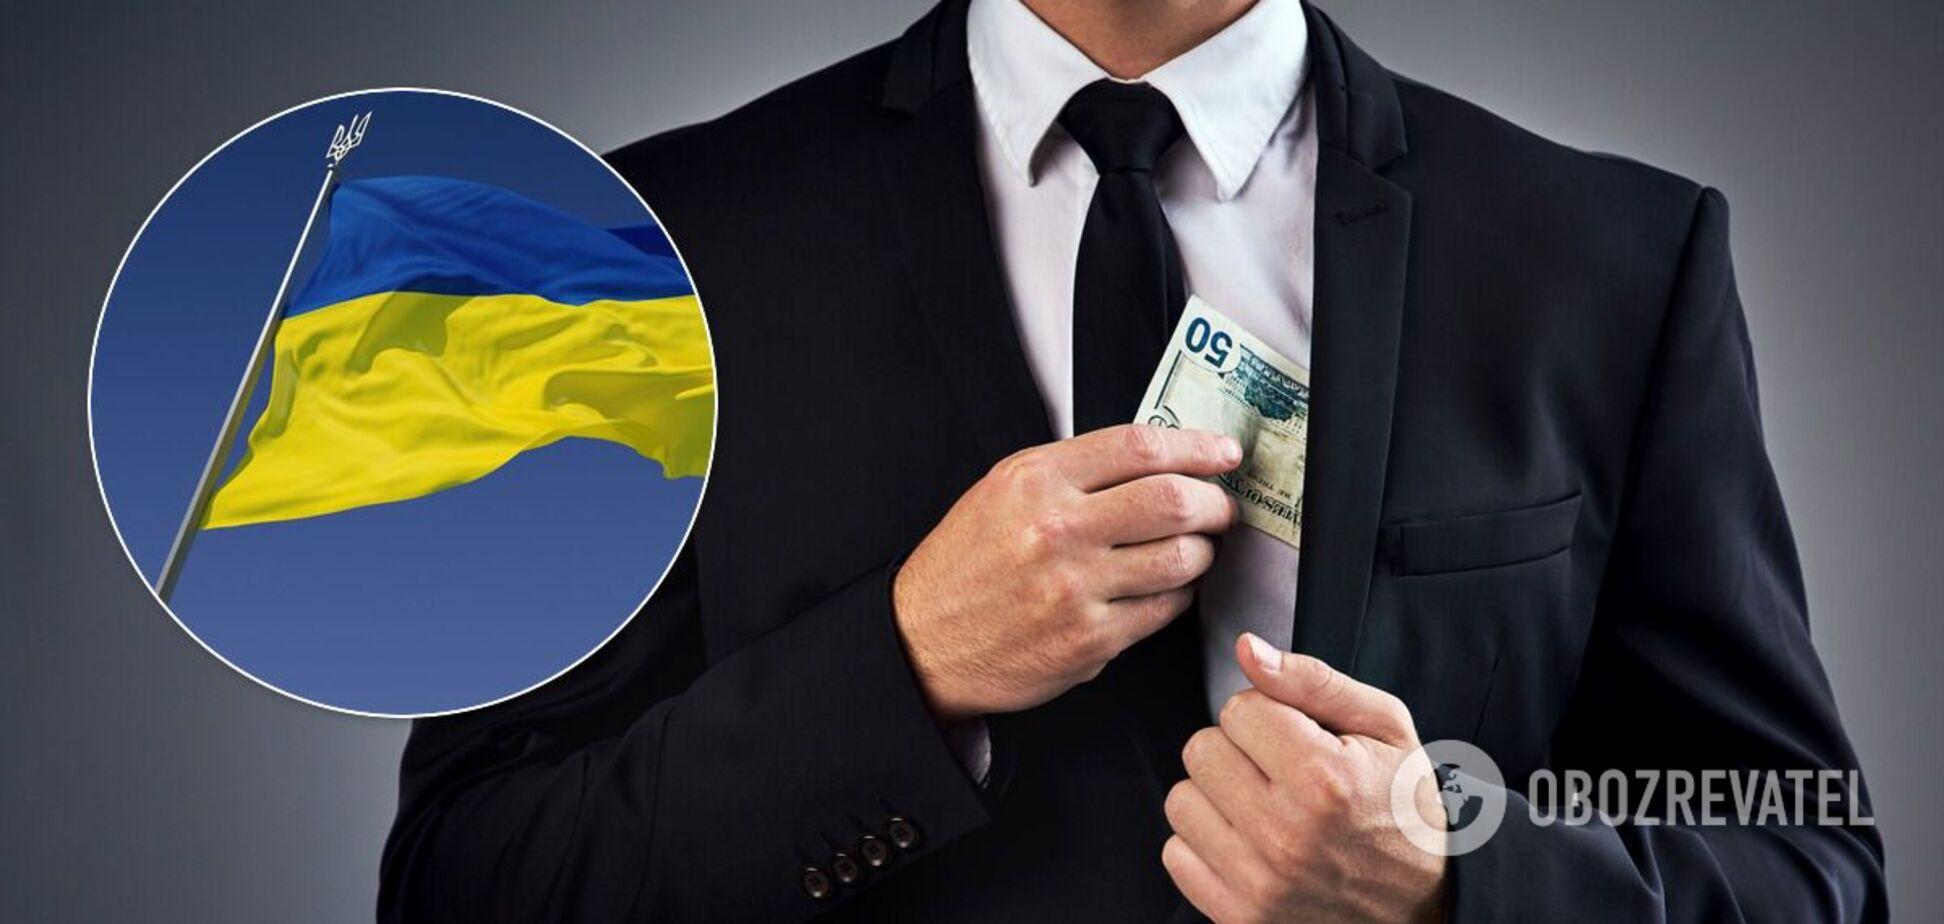 Україна фігурує в 'зливі' від фінансової розвідки США: адвокат озвучив наслідки